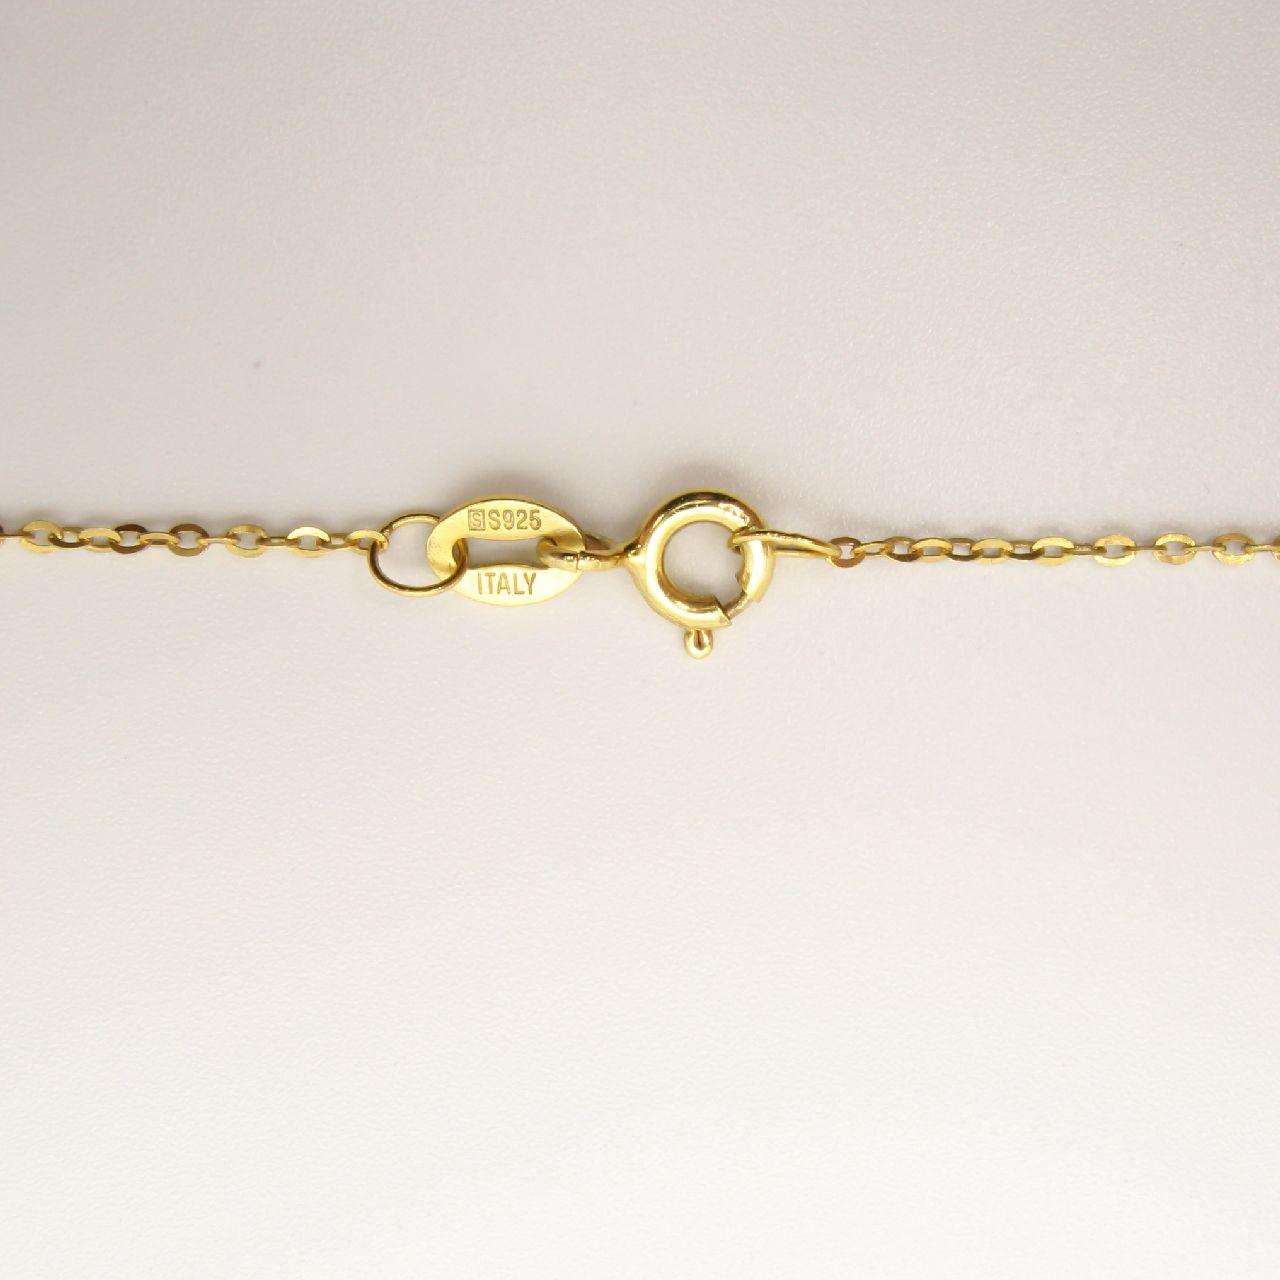 گردنبند طلا 18 عیار زنانه مانچو کد sfgs017 thumb 2 4